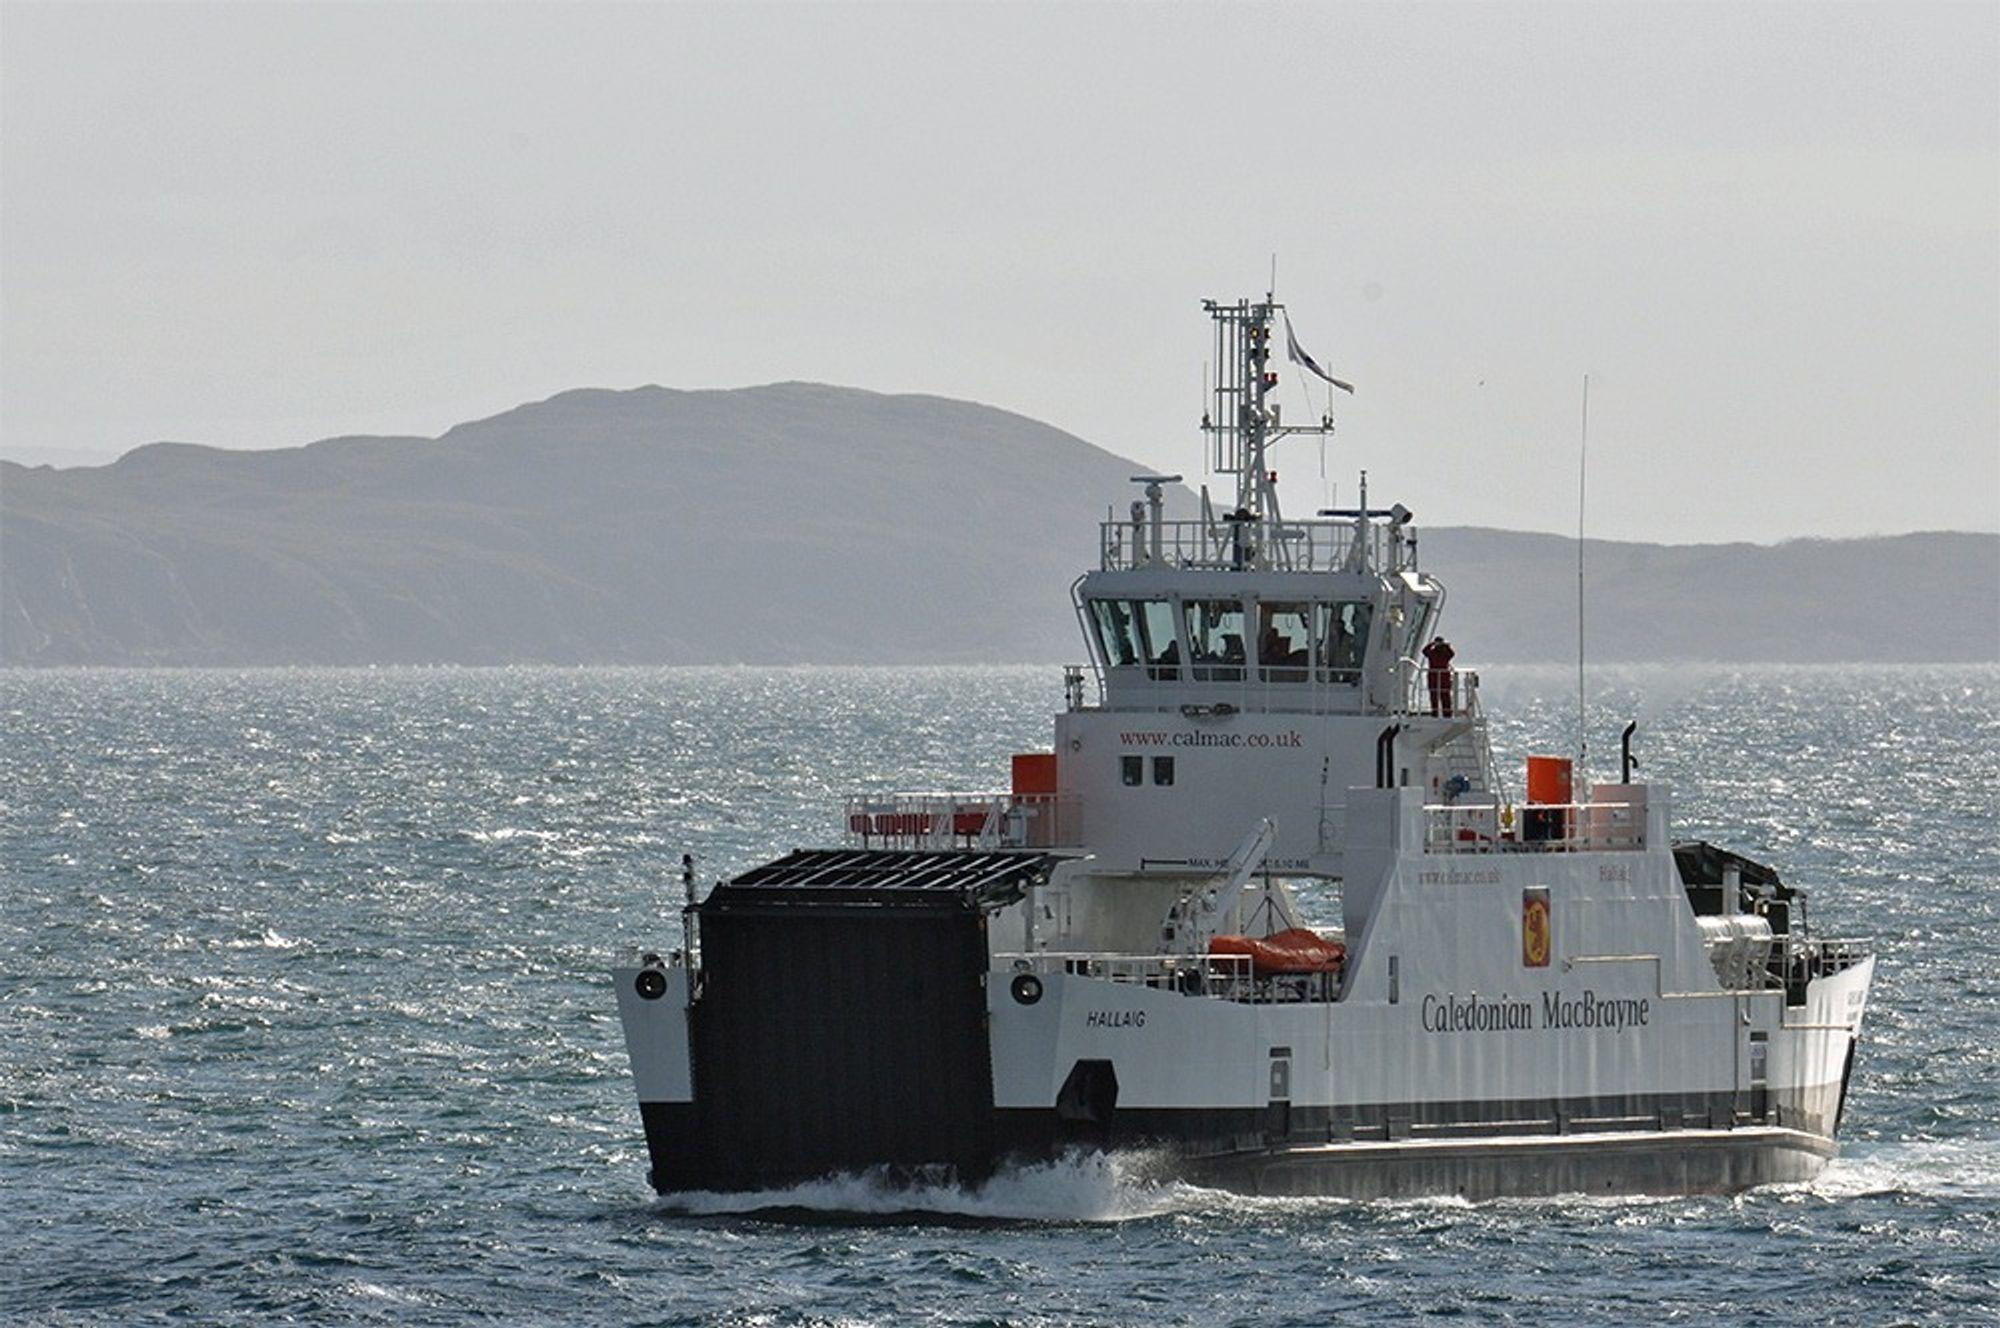 På tur: MV Halliag trafikkerer ruten Sconser og Raasay og tar 150 passasjerer og 23 biler. Det diesel-elektriske framdriftssystemet med batteribank bidrar til reduserte utslipp og drivstofforbruk med opp mot 38 prosent.